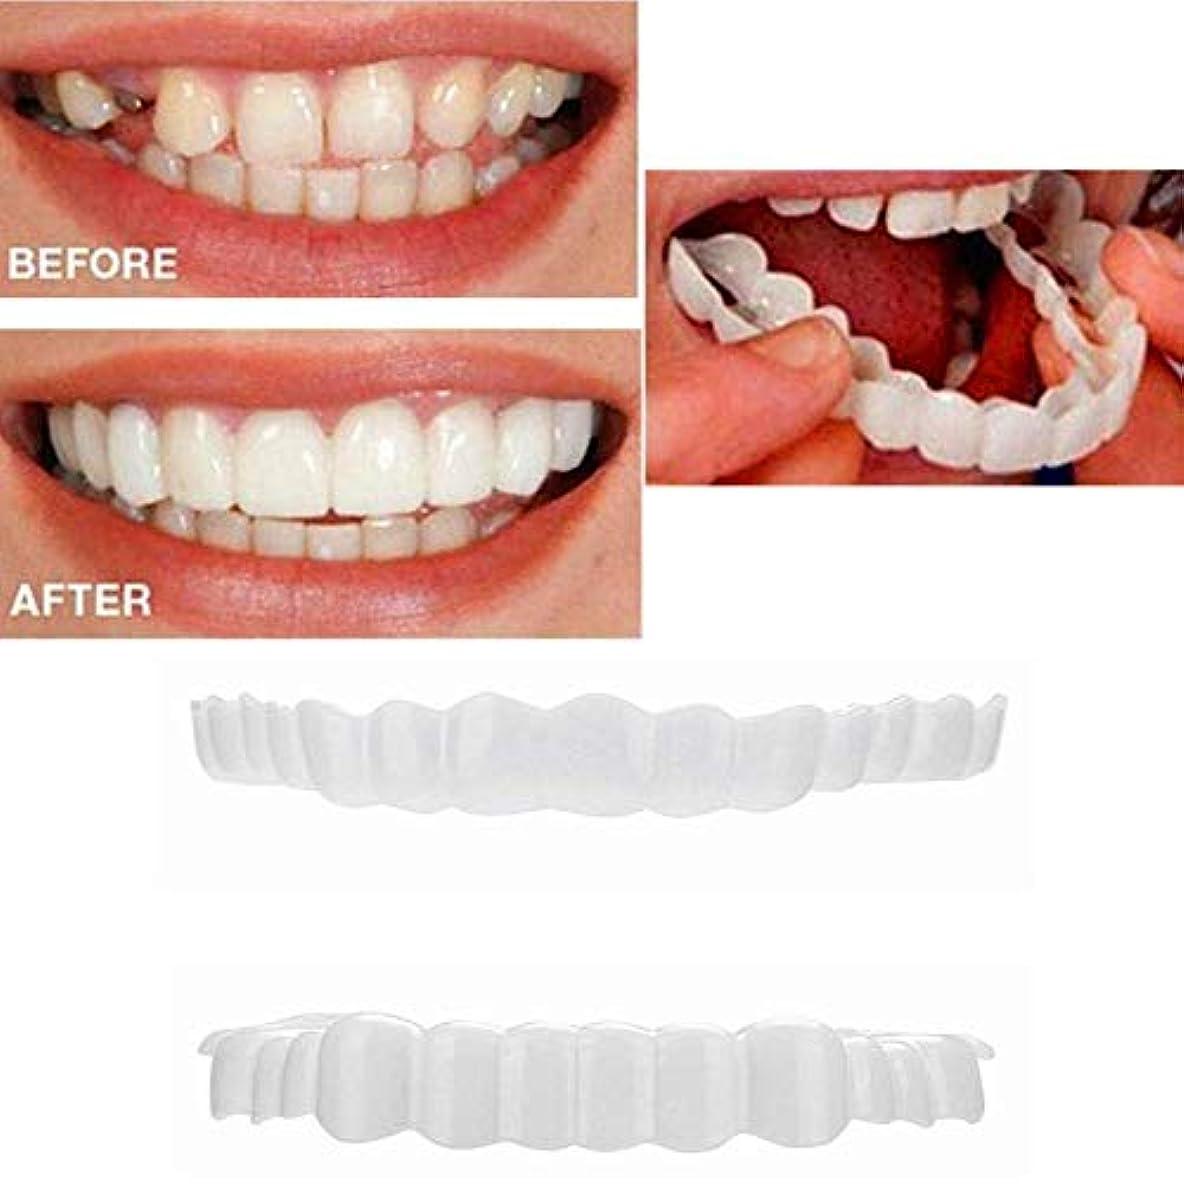 月ピュー愛最新の化粧板の歯、化粧品の歯3組 - 一時的な笑顔の快適さフィットフレックス化粧品の歯、ワンサイズ、スーペリアーとローワーコンフォートベニア - (Lower + Upper)